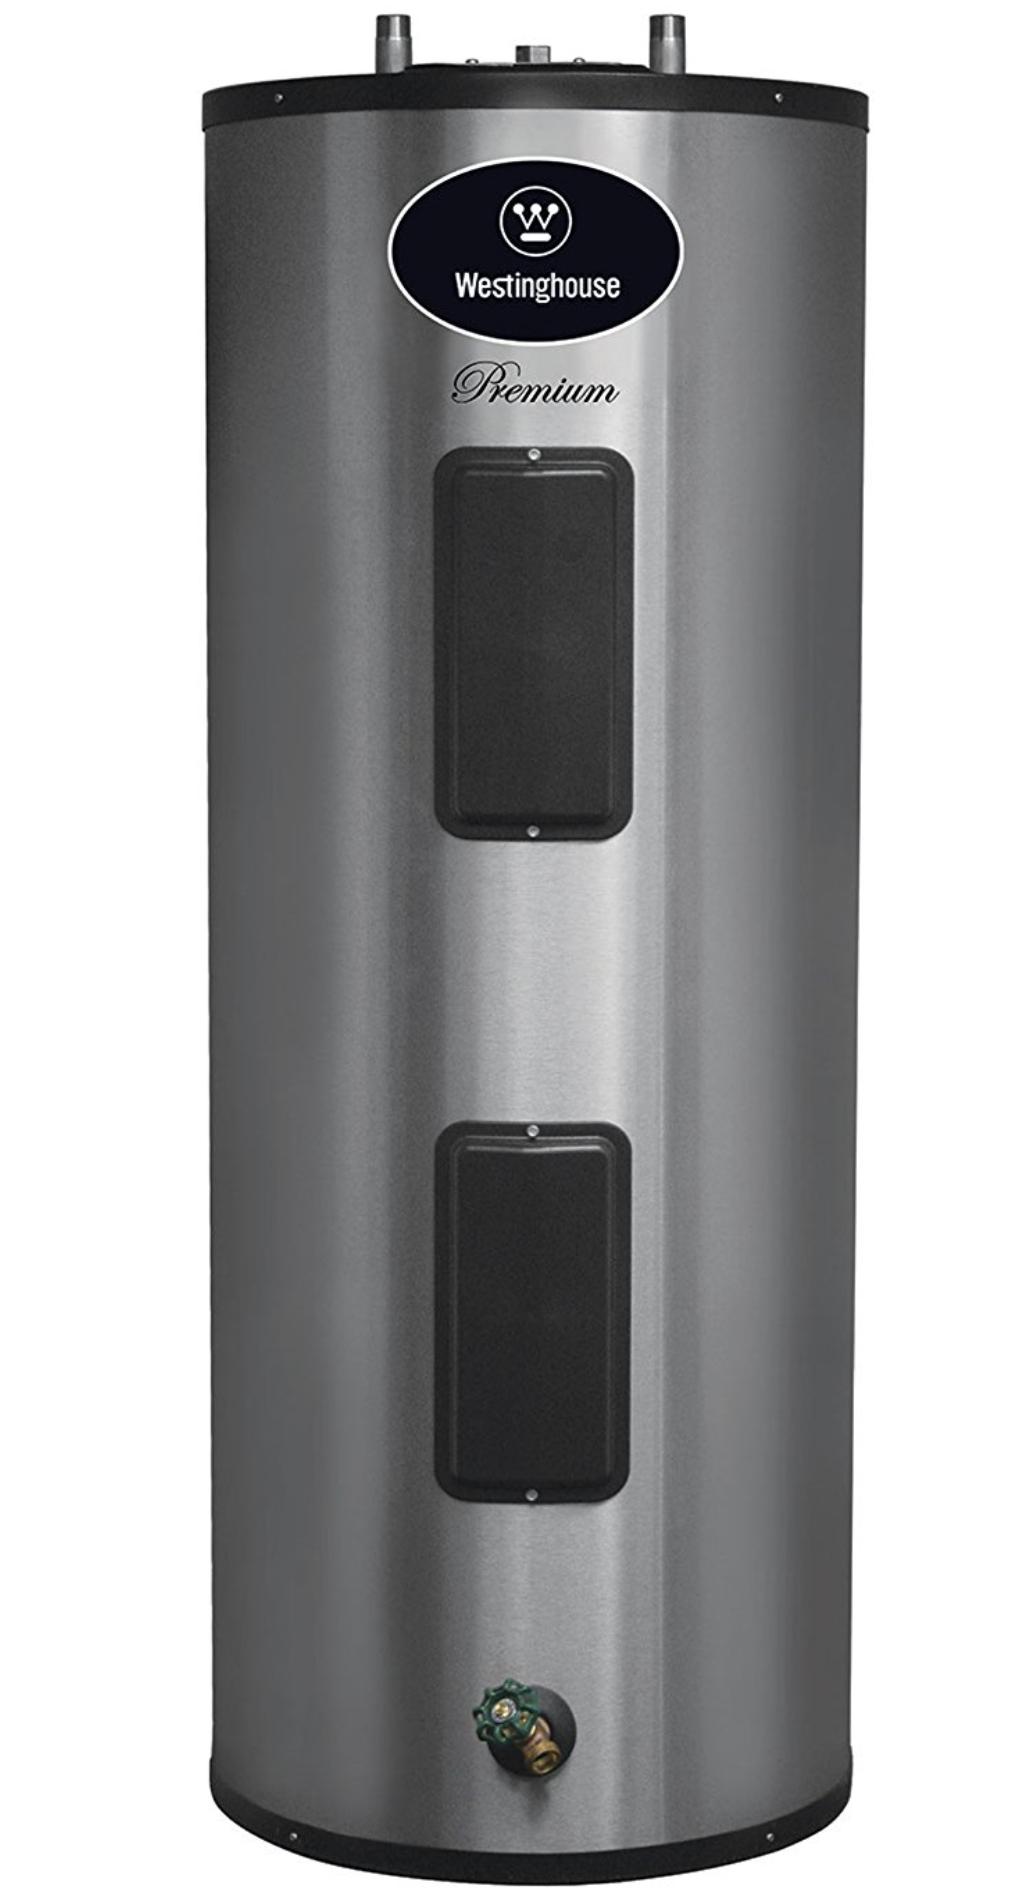 Westinghouse 80 Gal 4500w Lifetime Warranty Electric